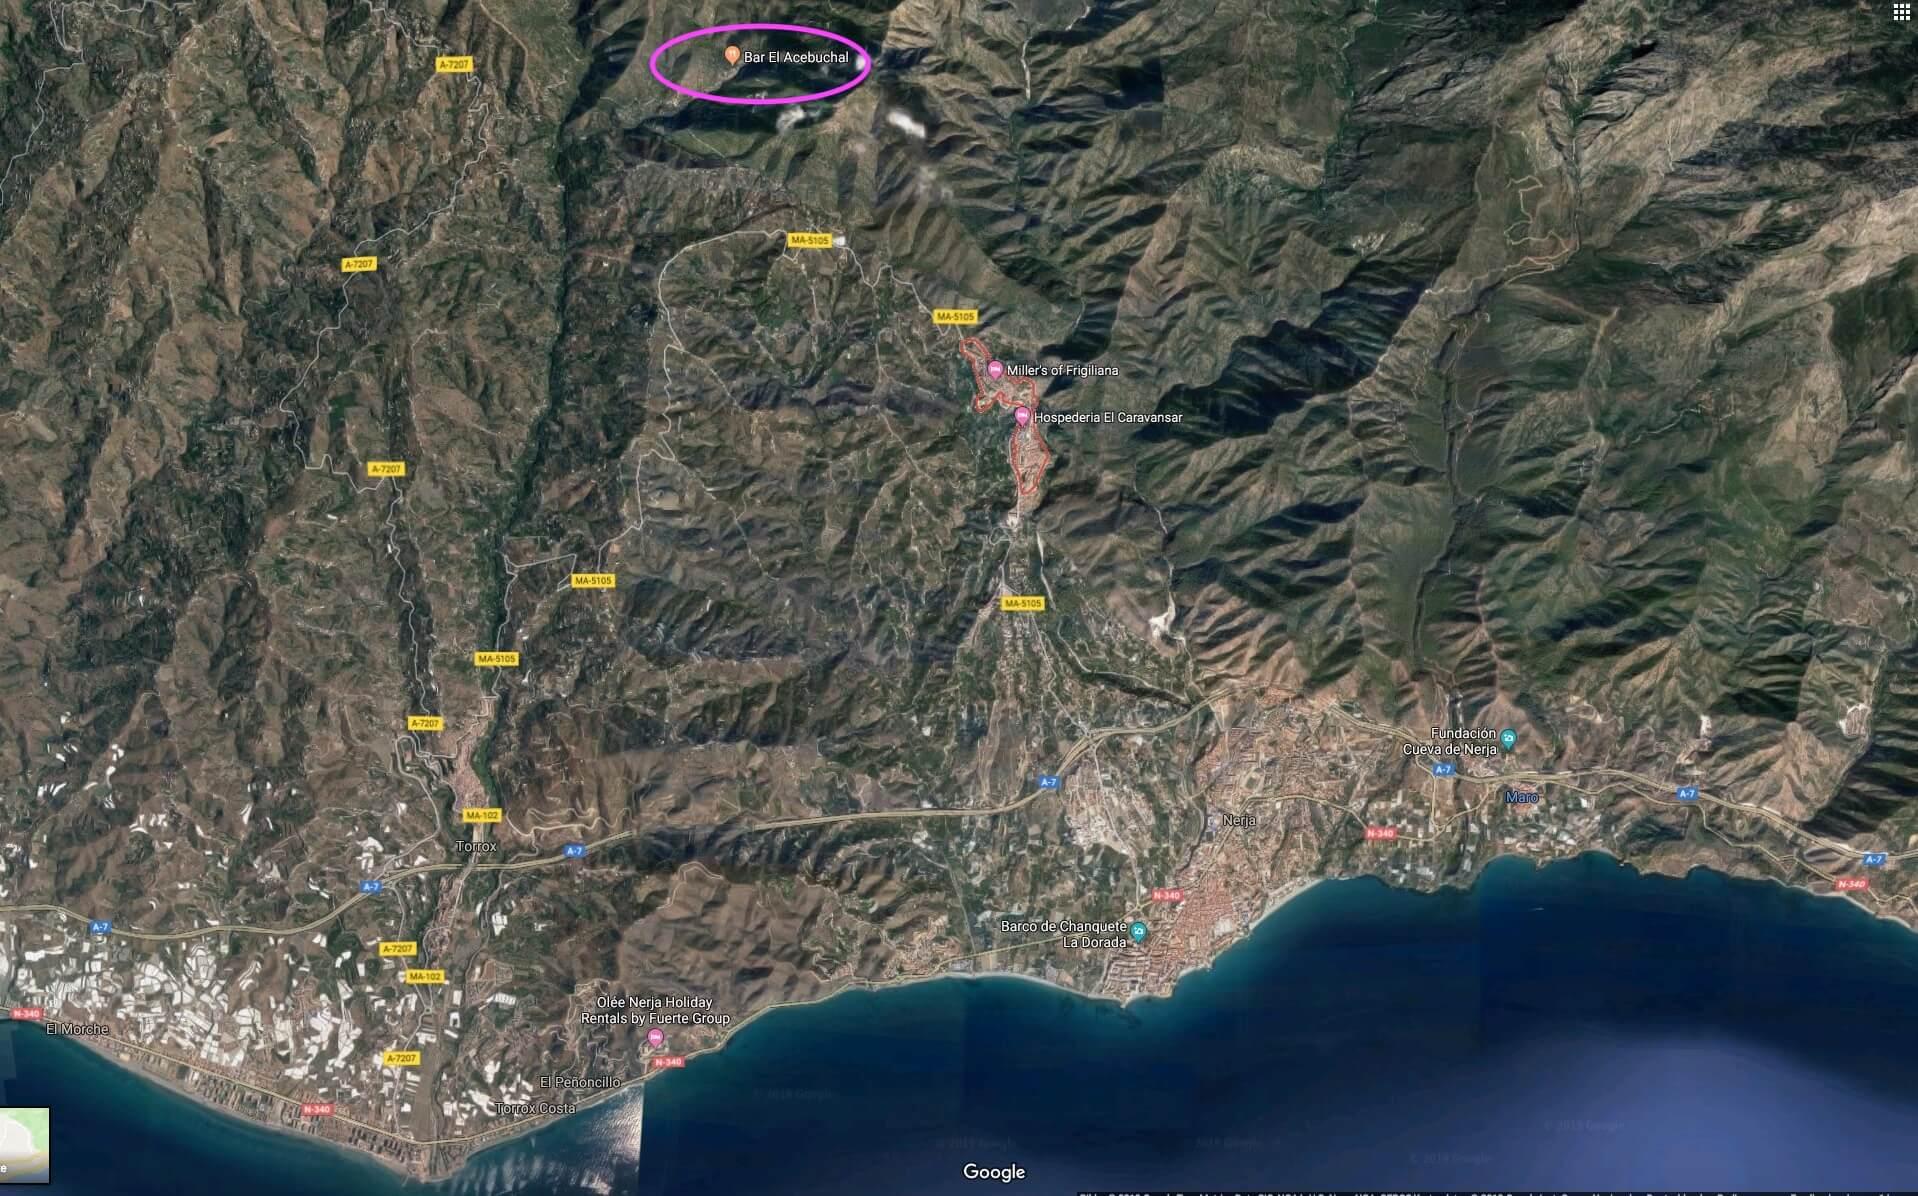 Satellitenansicht El Acebuchal